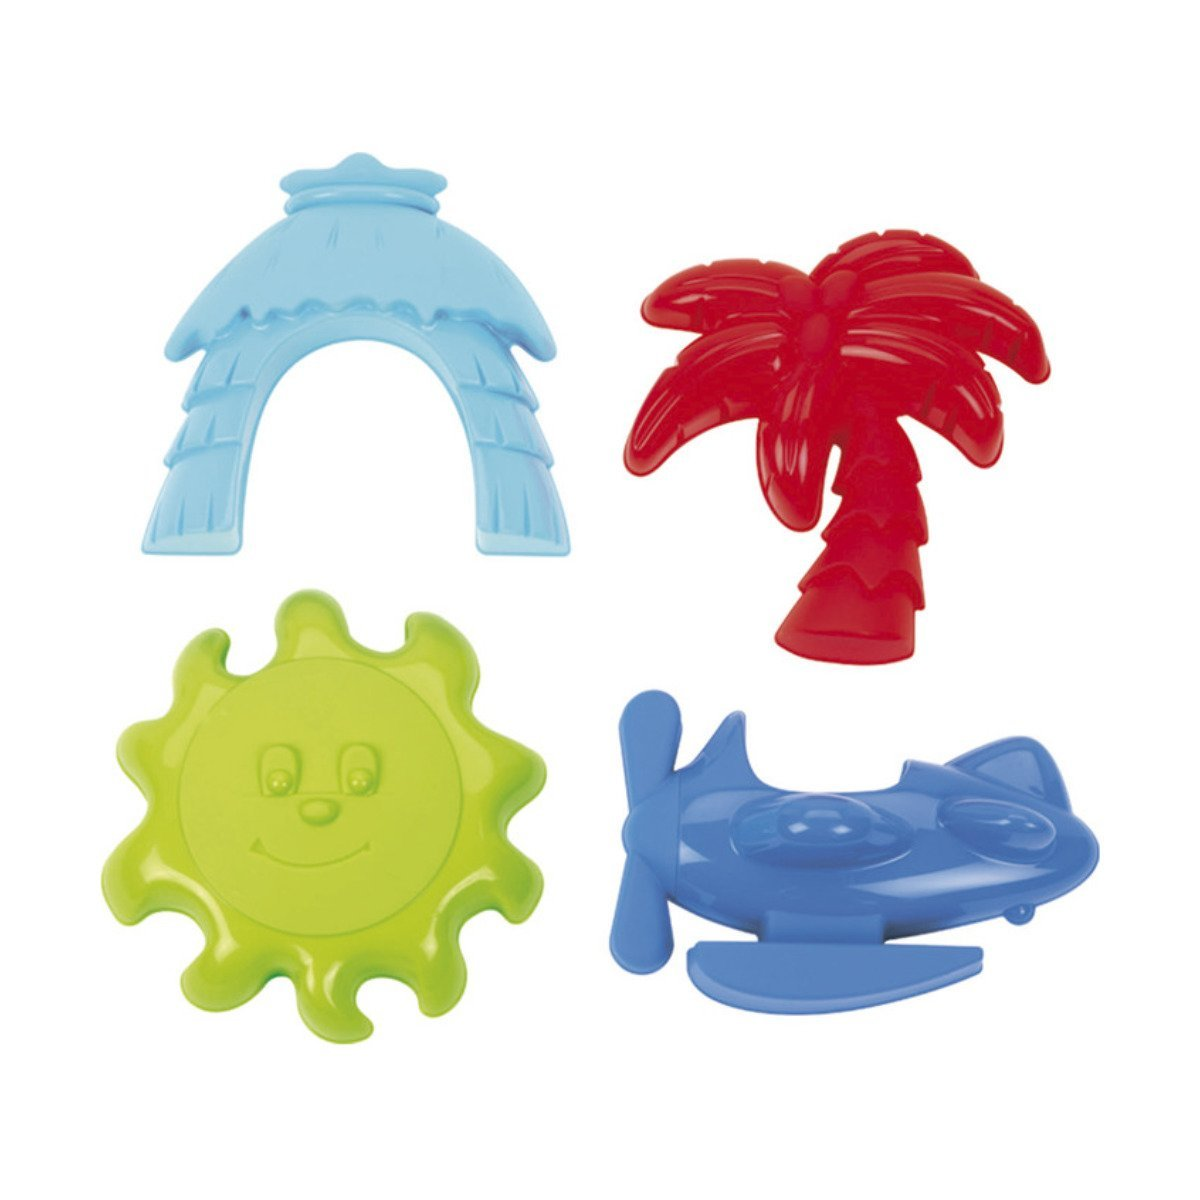 Купить Садово-песочный инвентарь, Набор формочек для игры с песком Ecoiffier Лагуна 142 ТМ: Ecoiffier